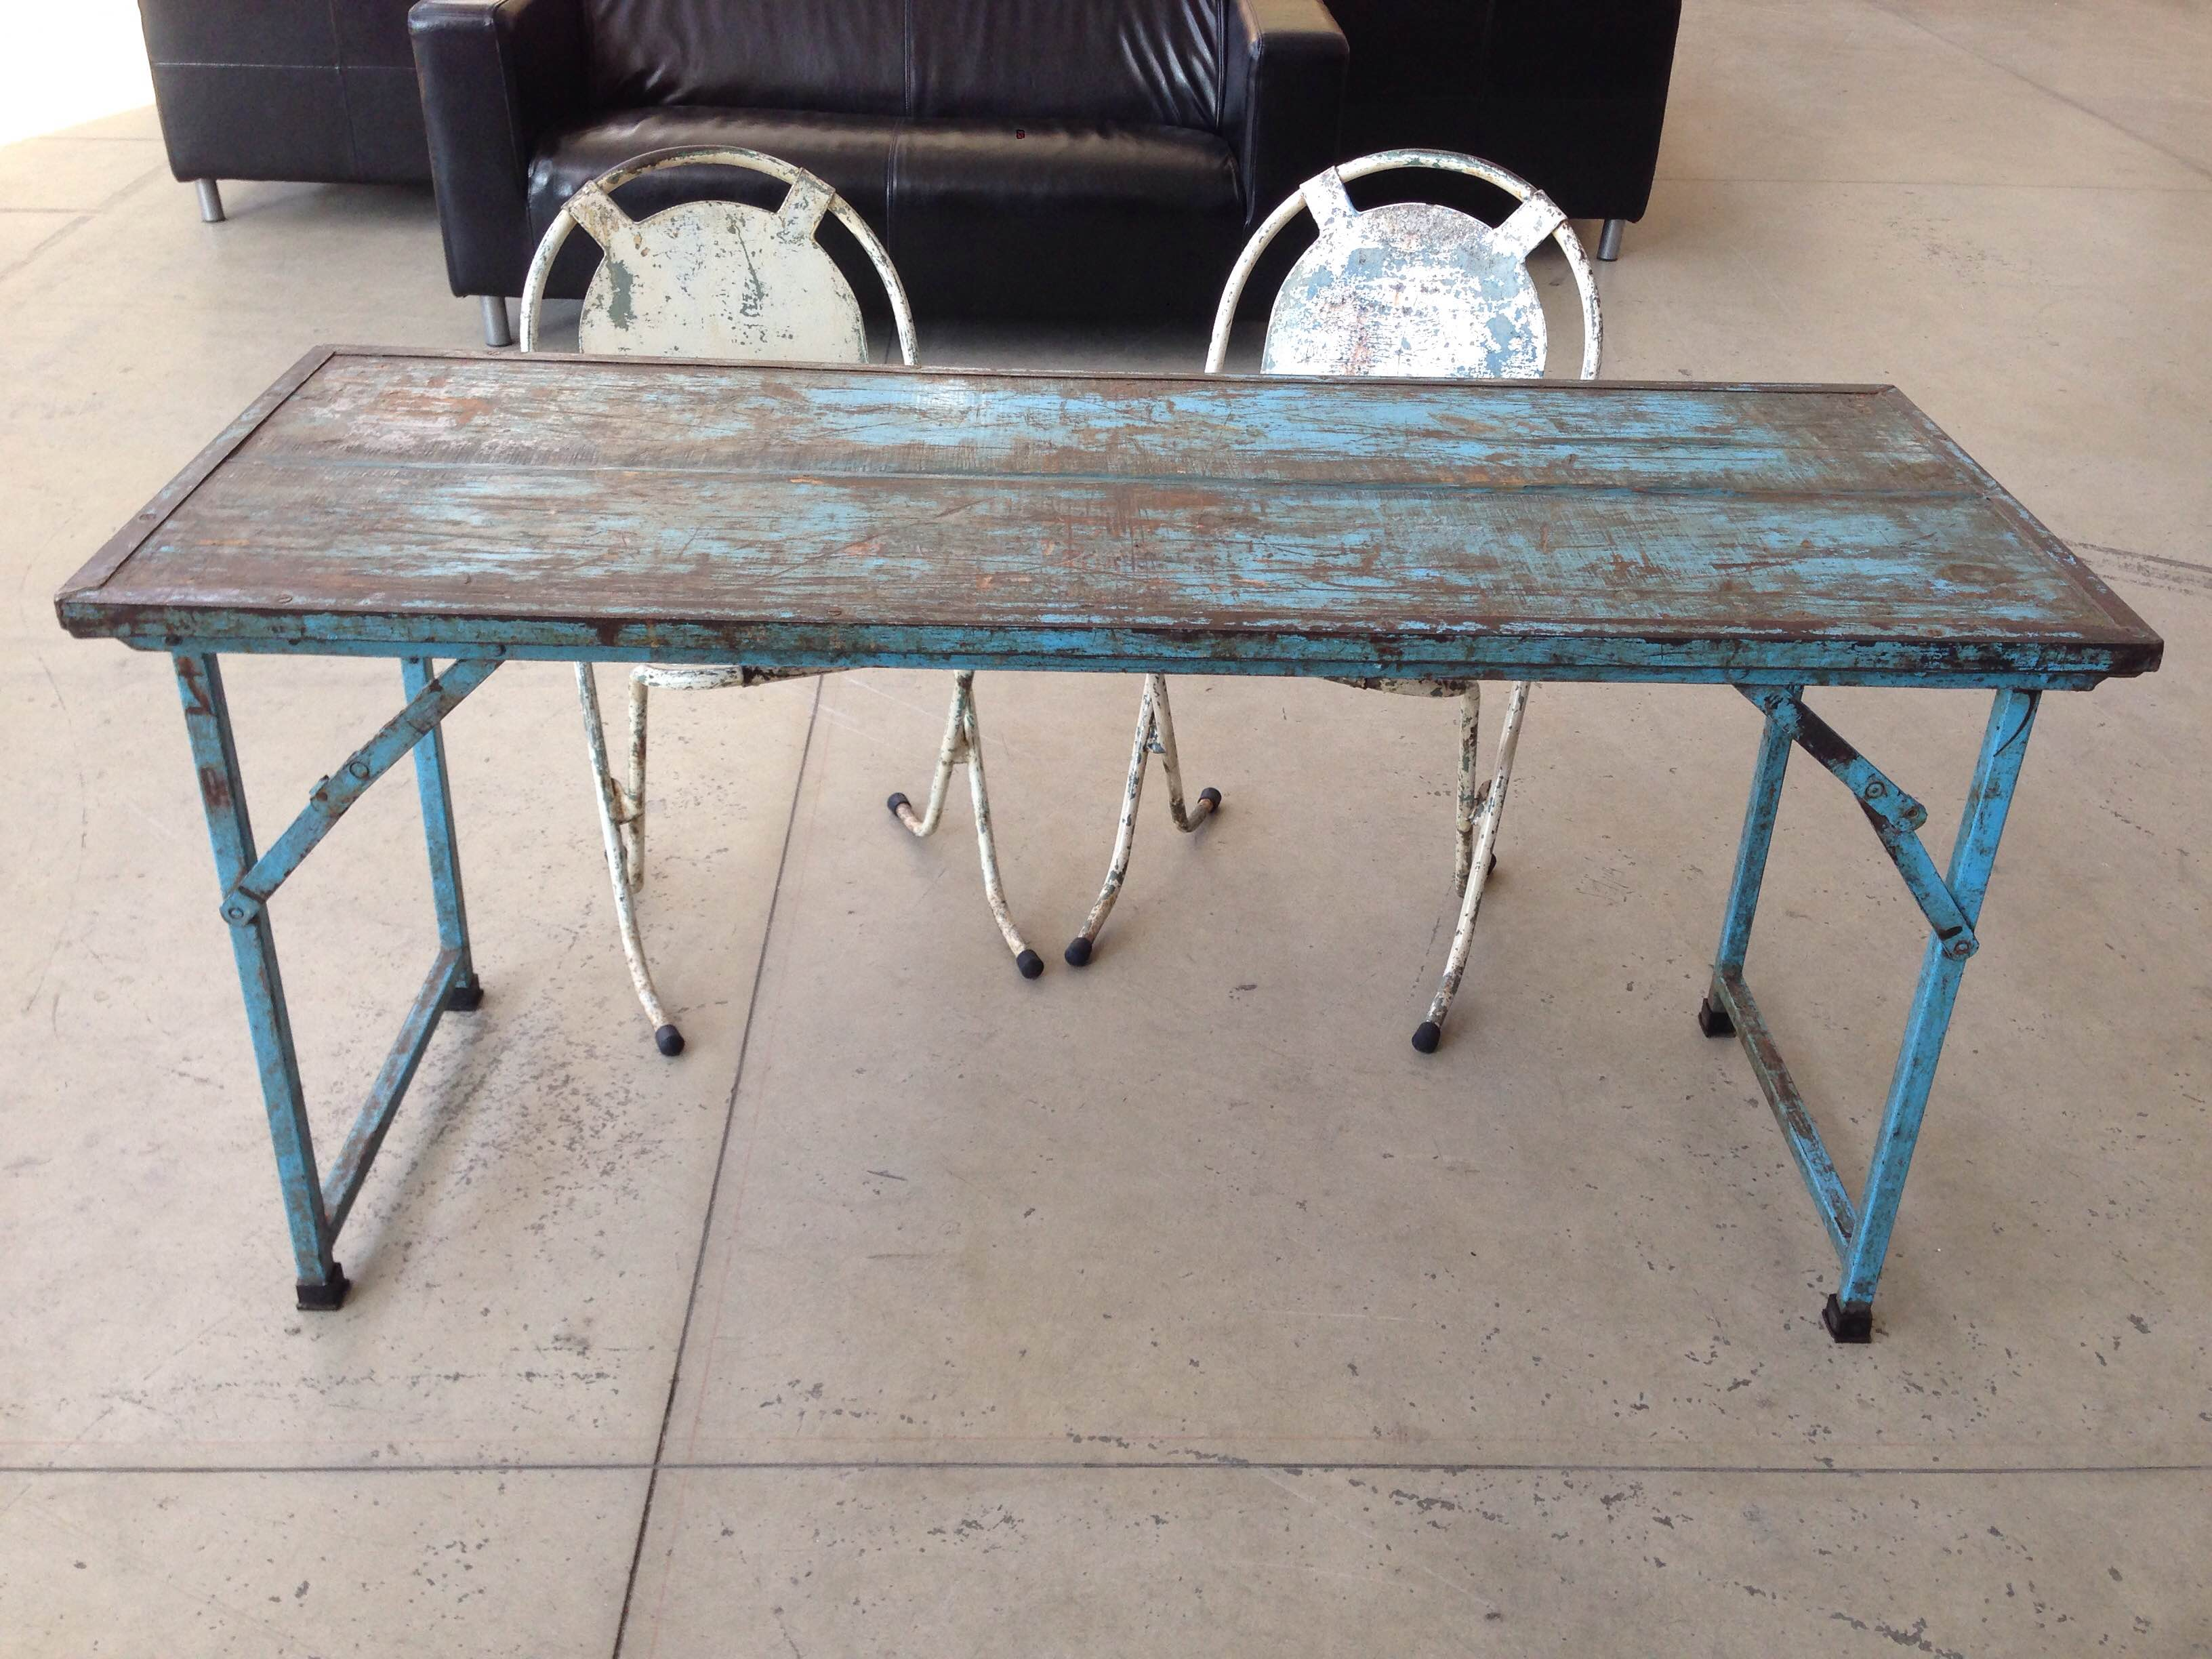 Tavolo pieghevole in legno blu neoretr - Tavolo in legno pieghevole ...